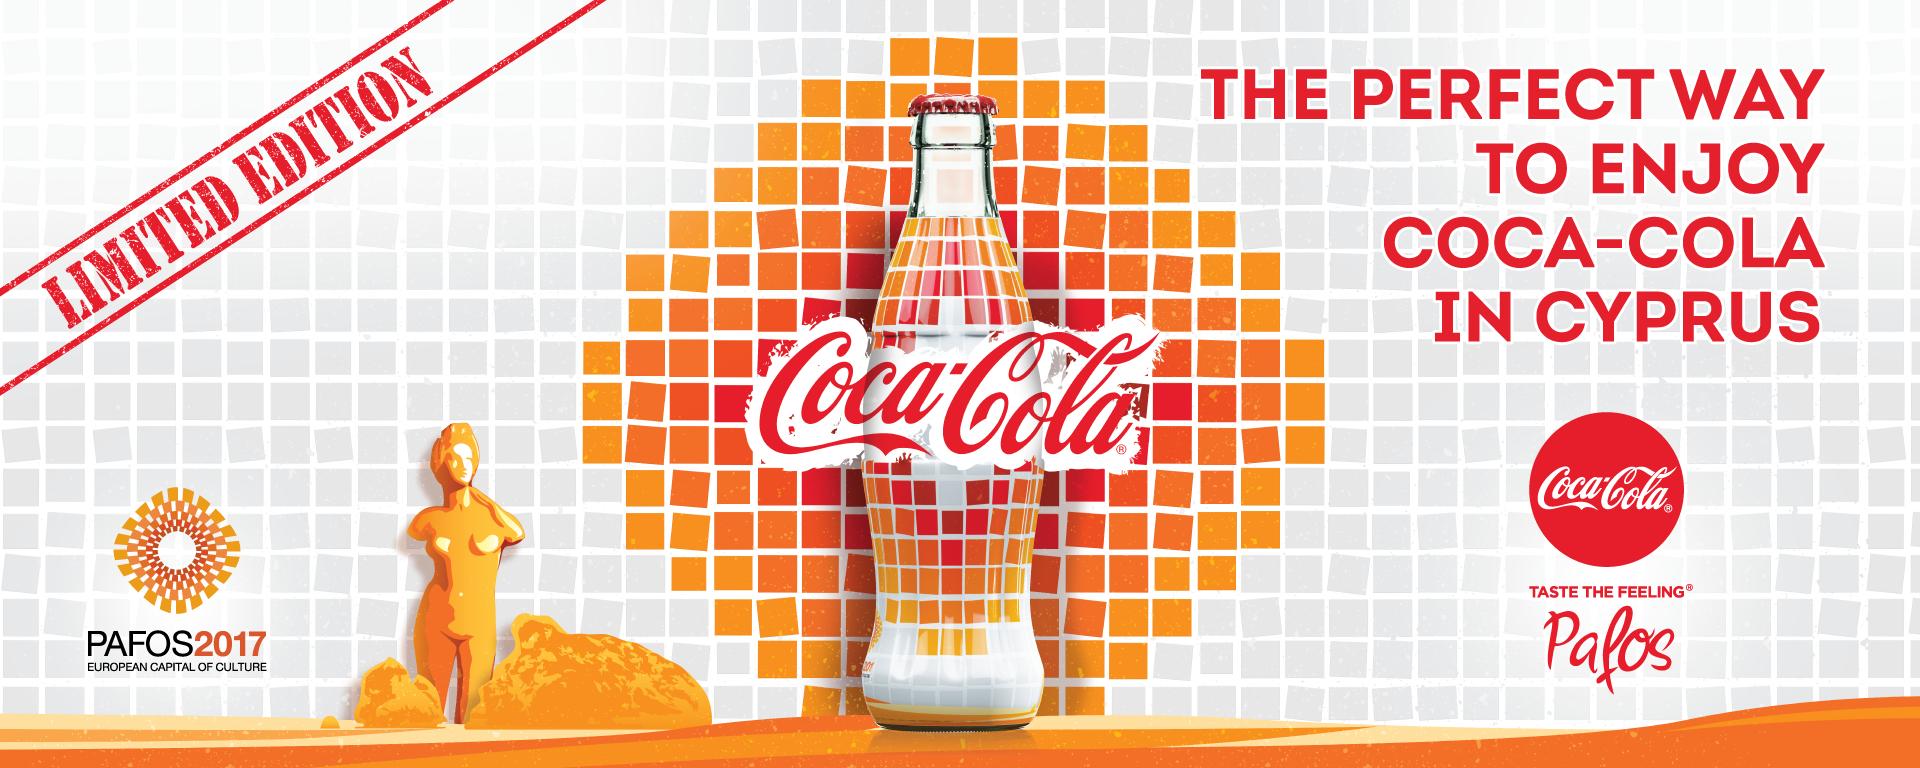 Coca-Cola Pafos 2017 header image